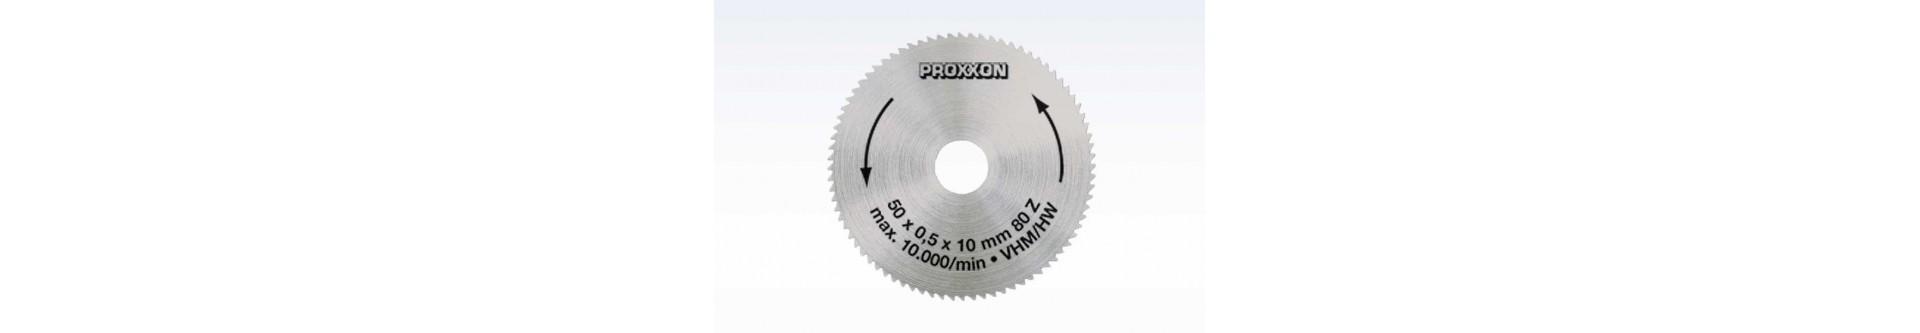 Proxxon Micromot tilbehørsværktøj